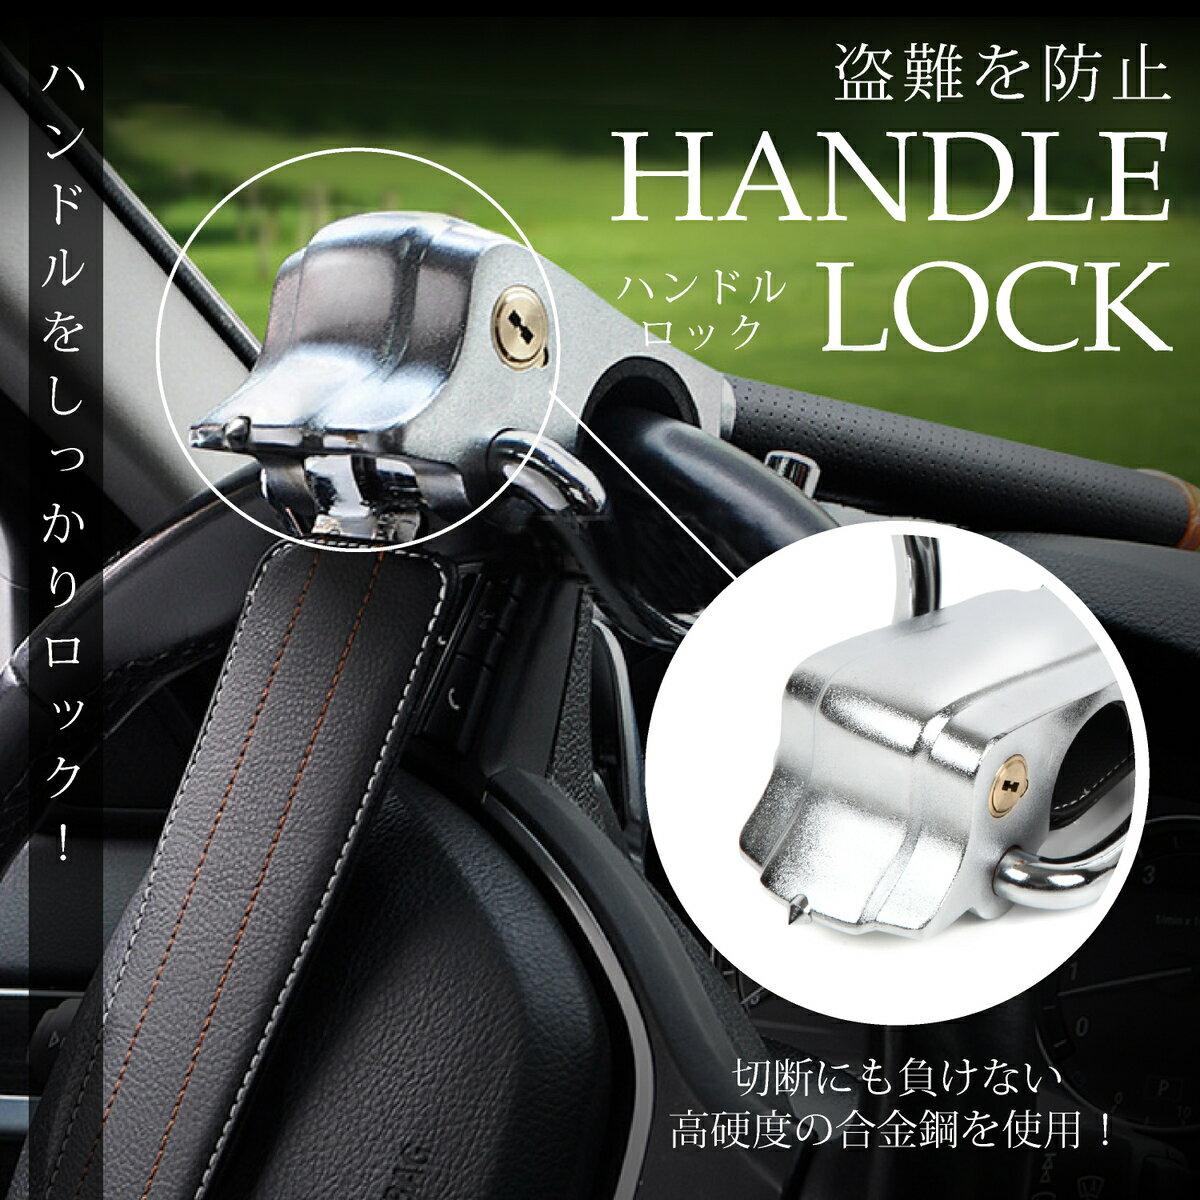 ハンドルロック ステアリングロック 日本語取り扱い説明書付き 盗難防止 窃盗対策 防犯 幅広い車種に対応